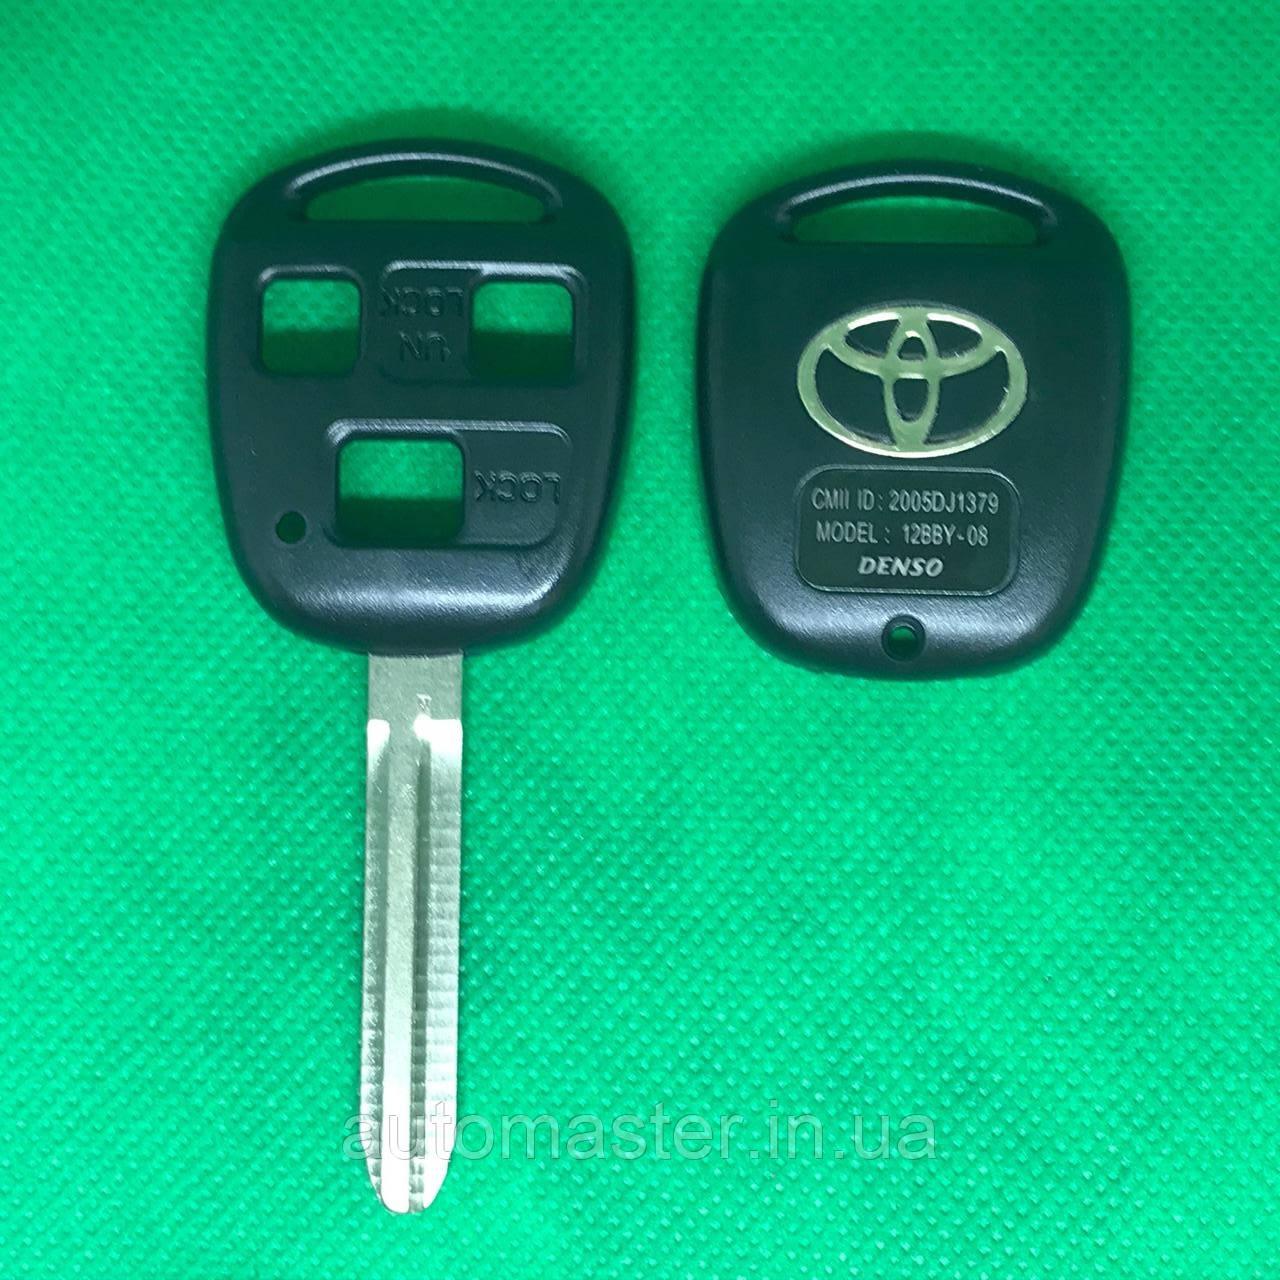 Корпус авто ключа для TOYOTA Camry (Тойота Камри) 3 кнопки , лезвие TOY 43